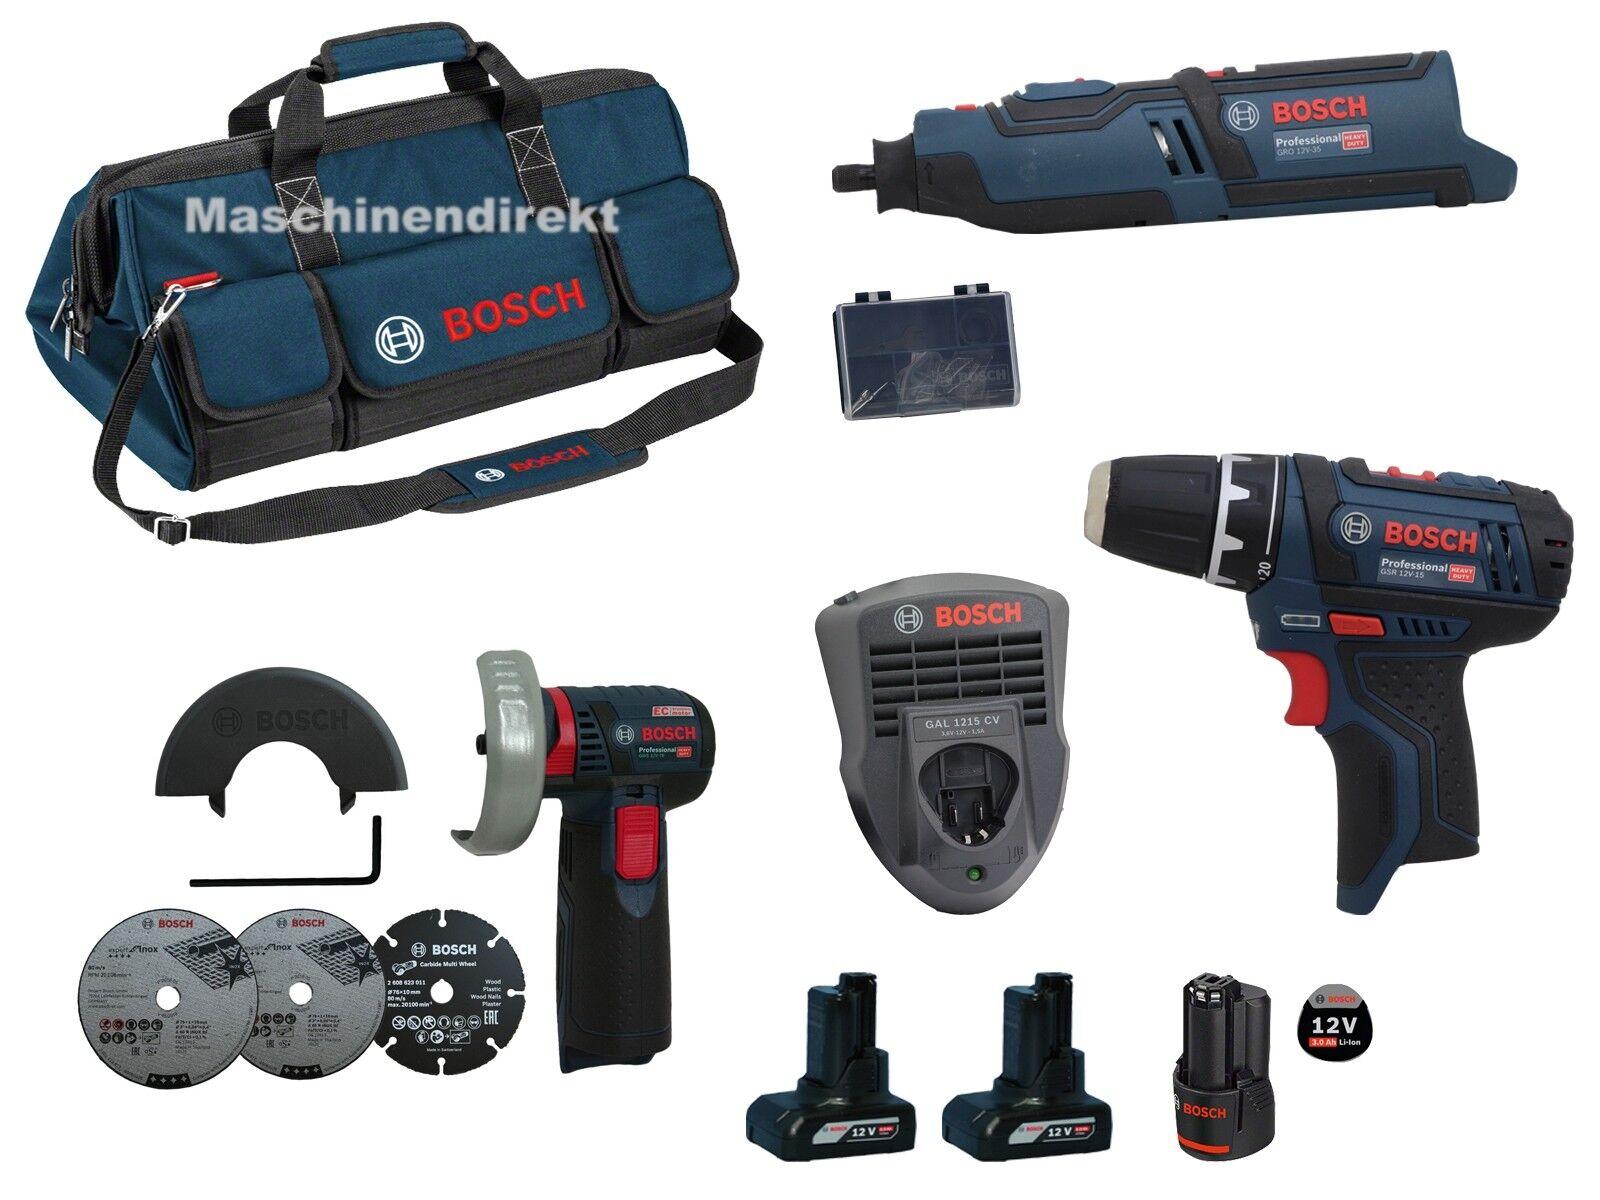 Bosch Akku Rotationswerkzeug GRO12V-35 + Winkelschleifer GWS12V-76 + GSR12V-15